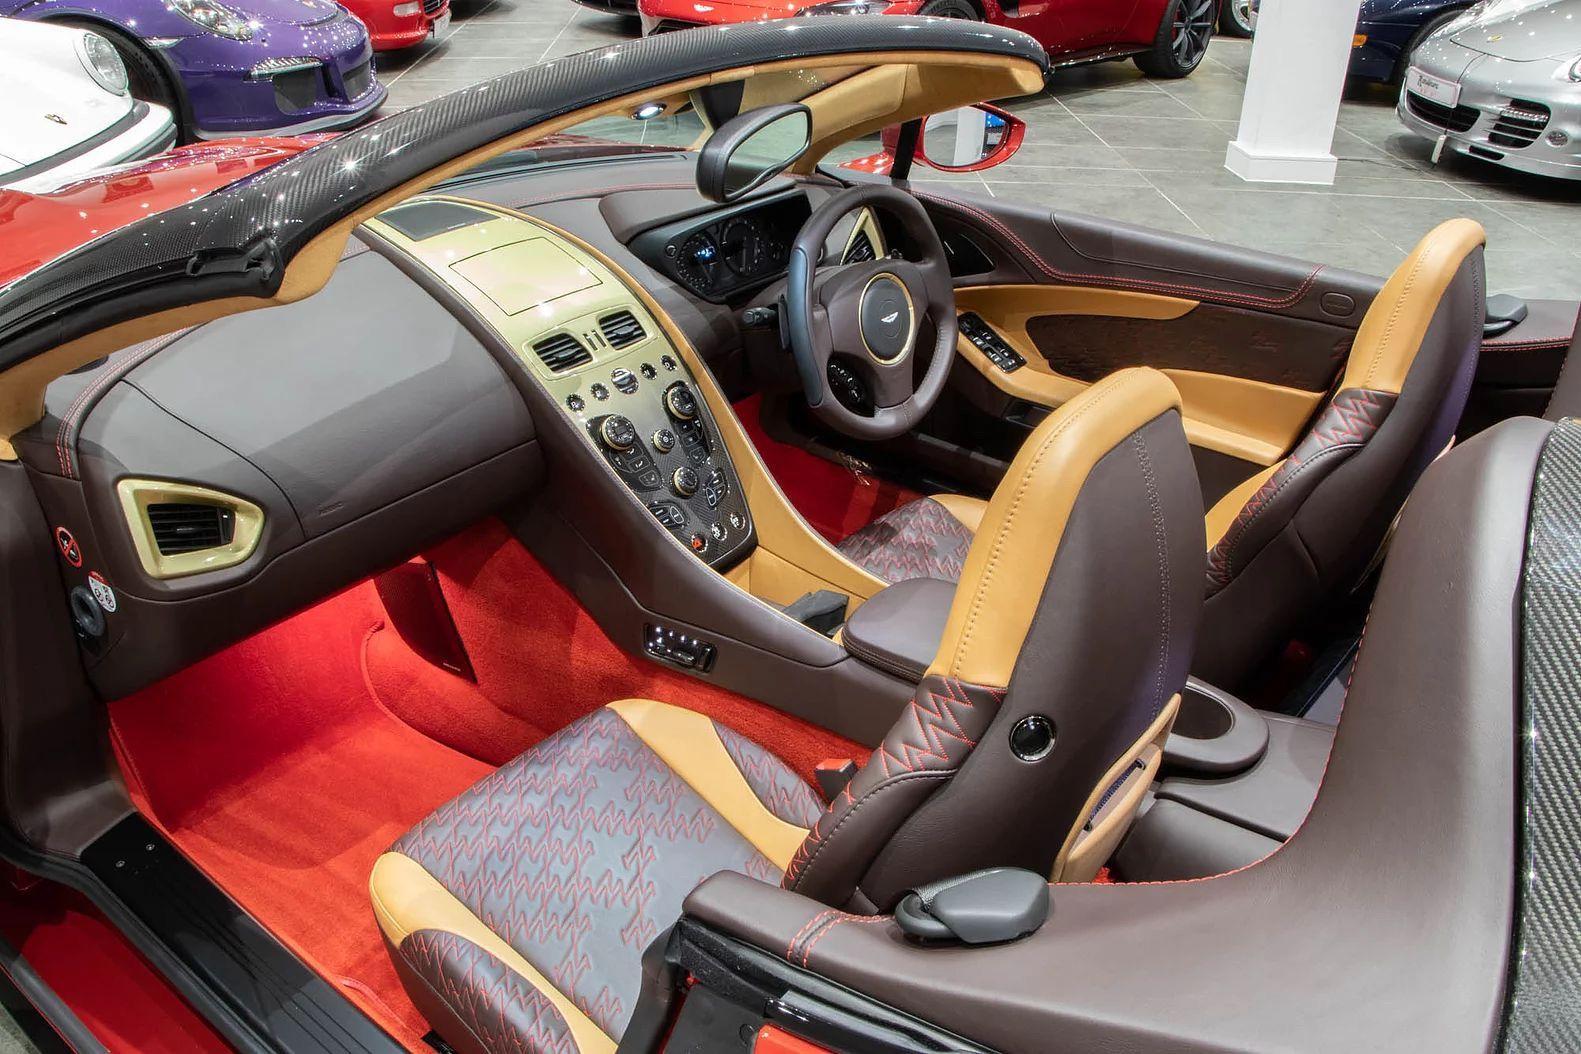 Aston_Martin_Vanquish_Speedster_sale-0006